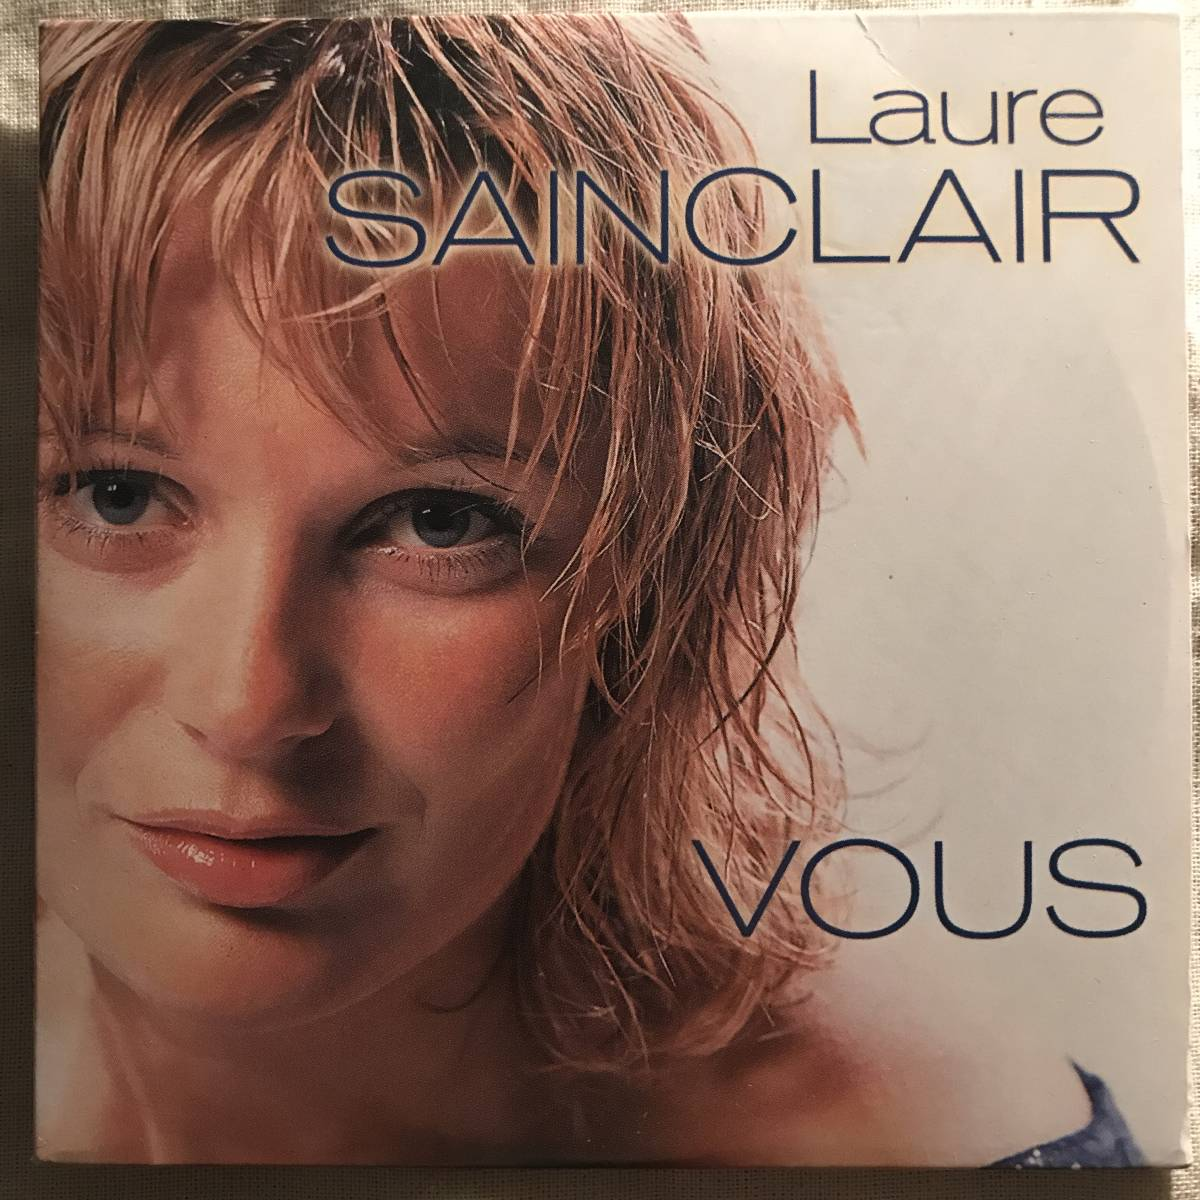 【CD Single】Laure Sainclair/Vous France盤